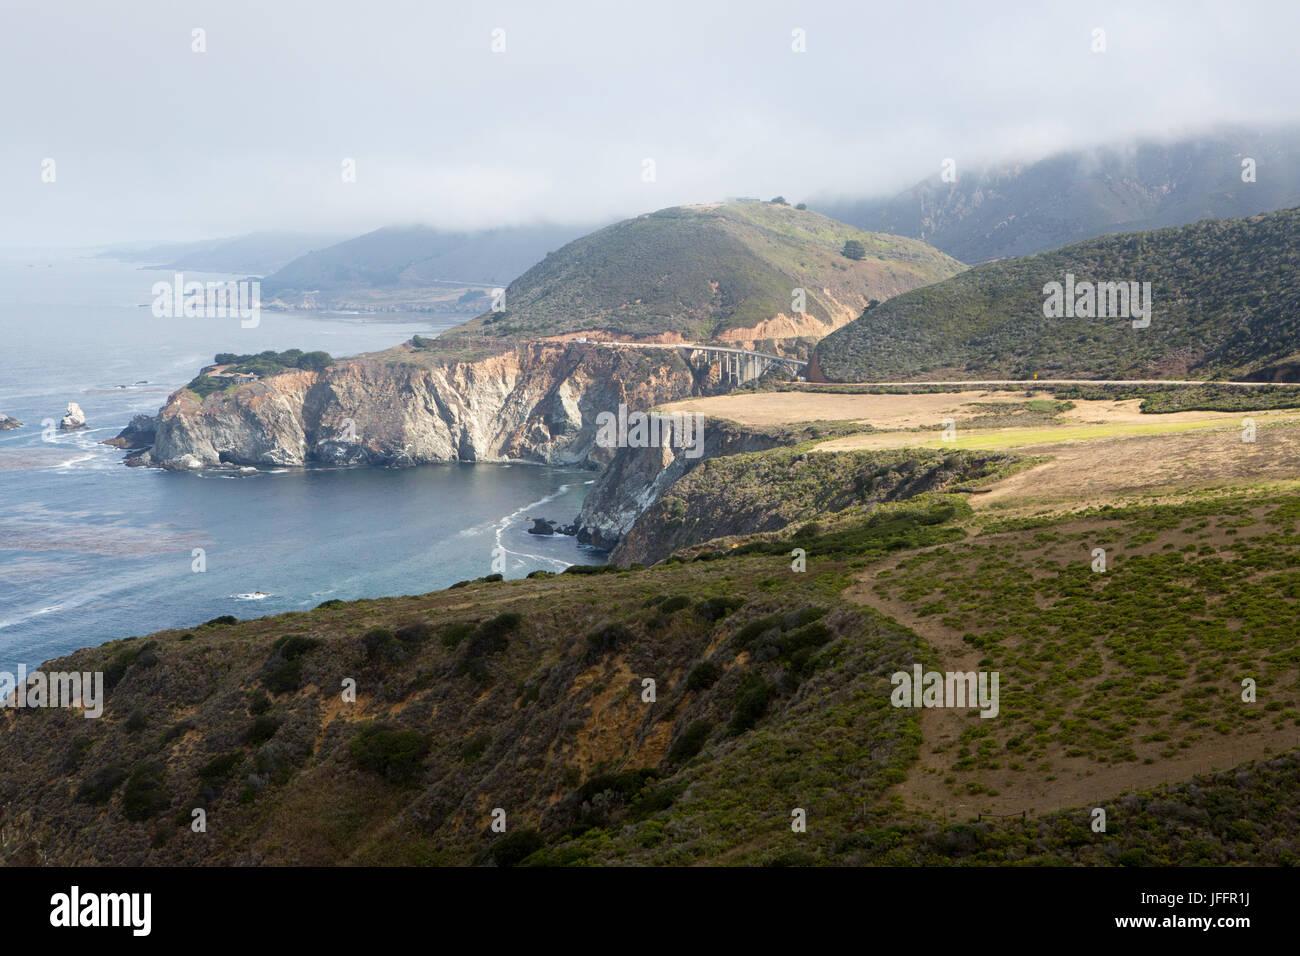 Nubes sobre la costa de California, playas, formaciones rocosas y la Pacific Coast Highway, cerca de Bixby Puente. Imagen De Stock